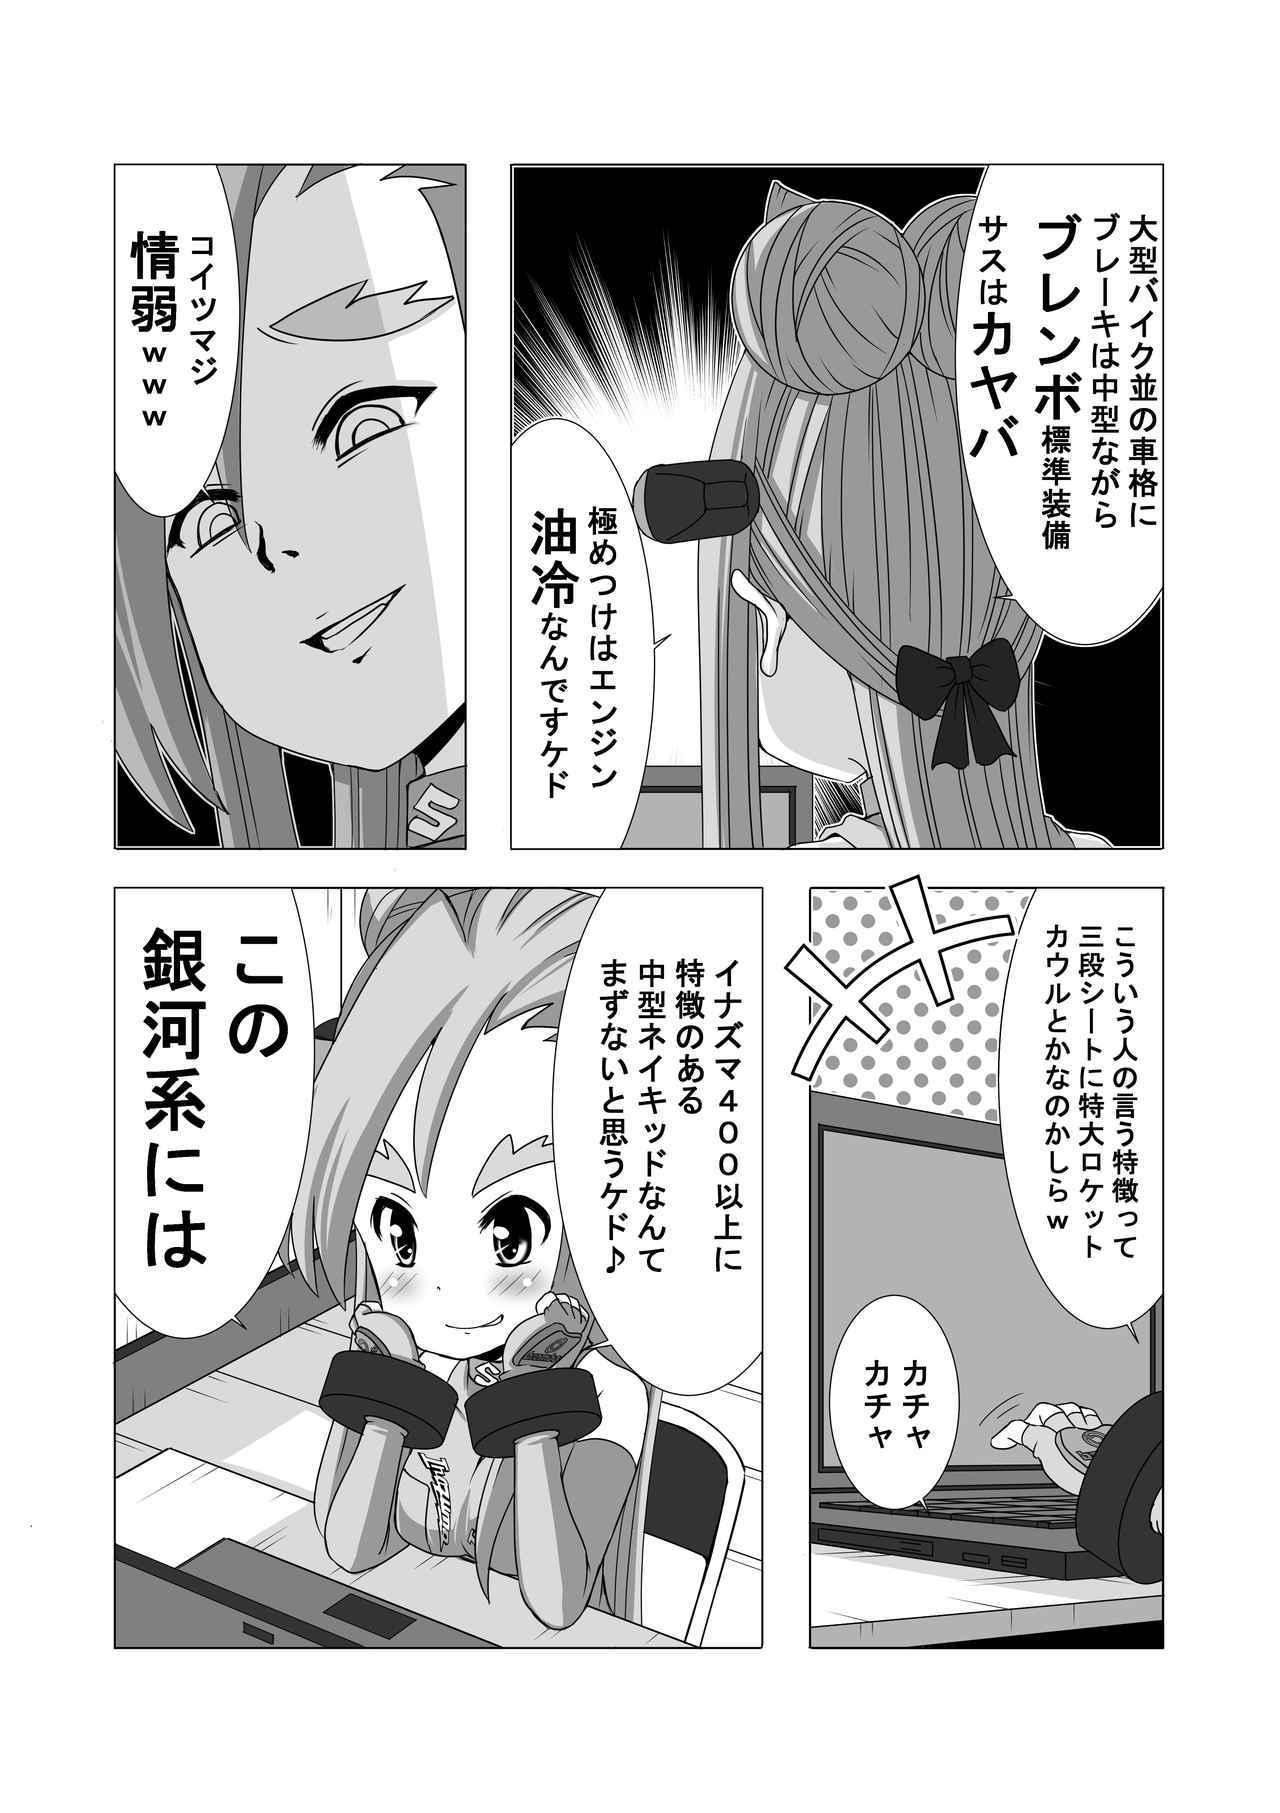 画像2: 『バイク擬人化菌書』INAZUMA400 話「ネットの悪口」 作:鈴木秀吉